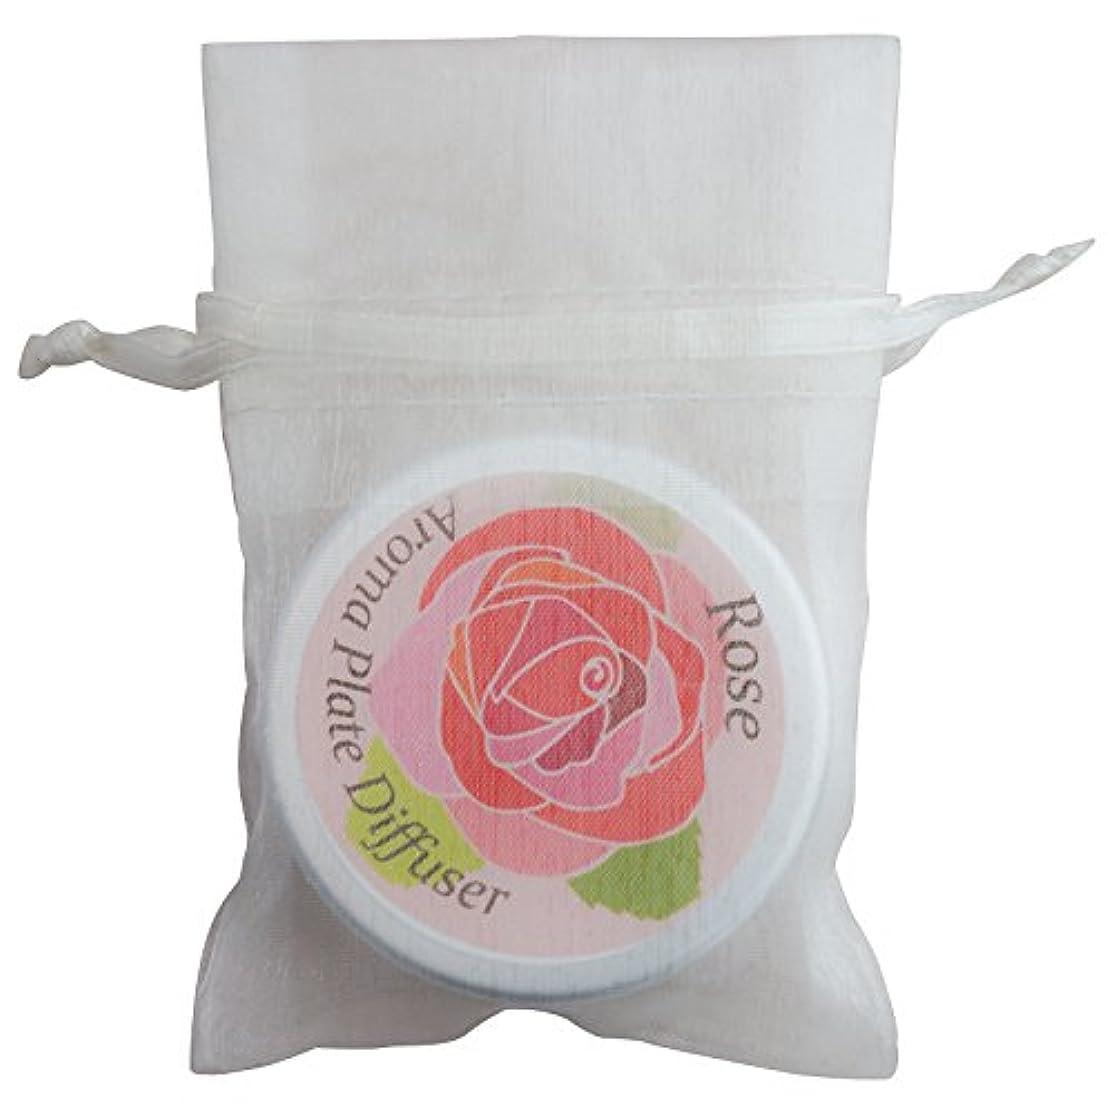 アンプ提供するわざわざアロマラボ 伊万里製 アロマプレート(ローズデザイン) アルミ缶入 オーガンジー袋つき